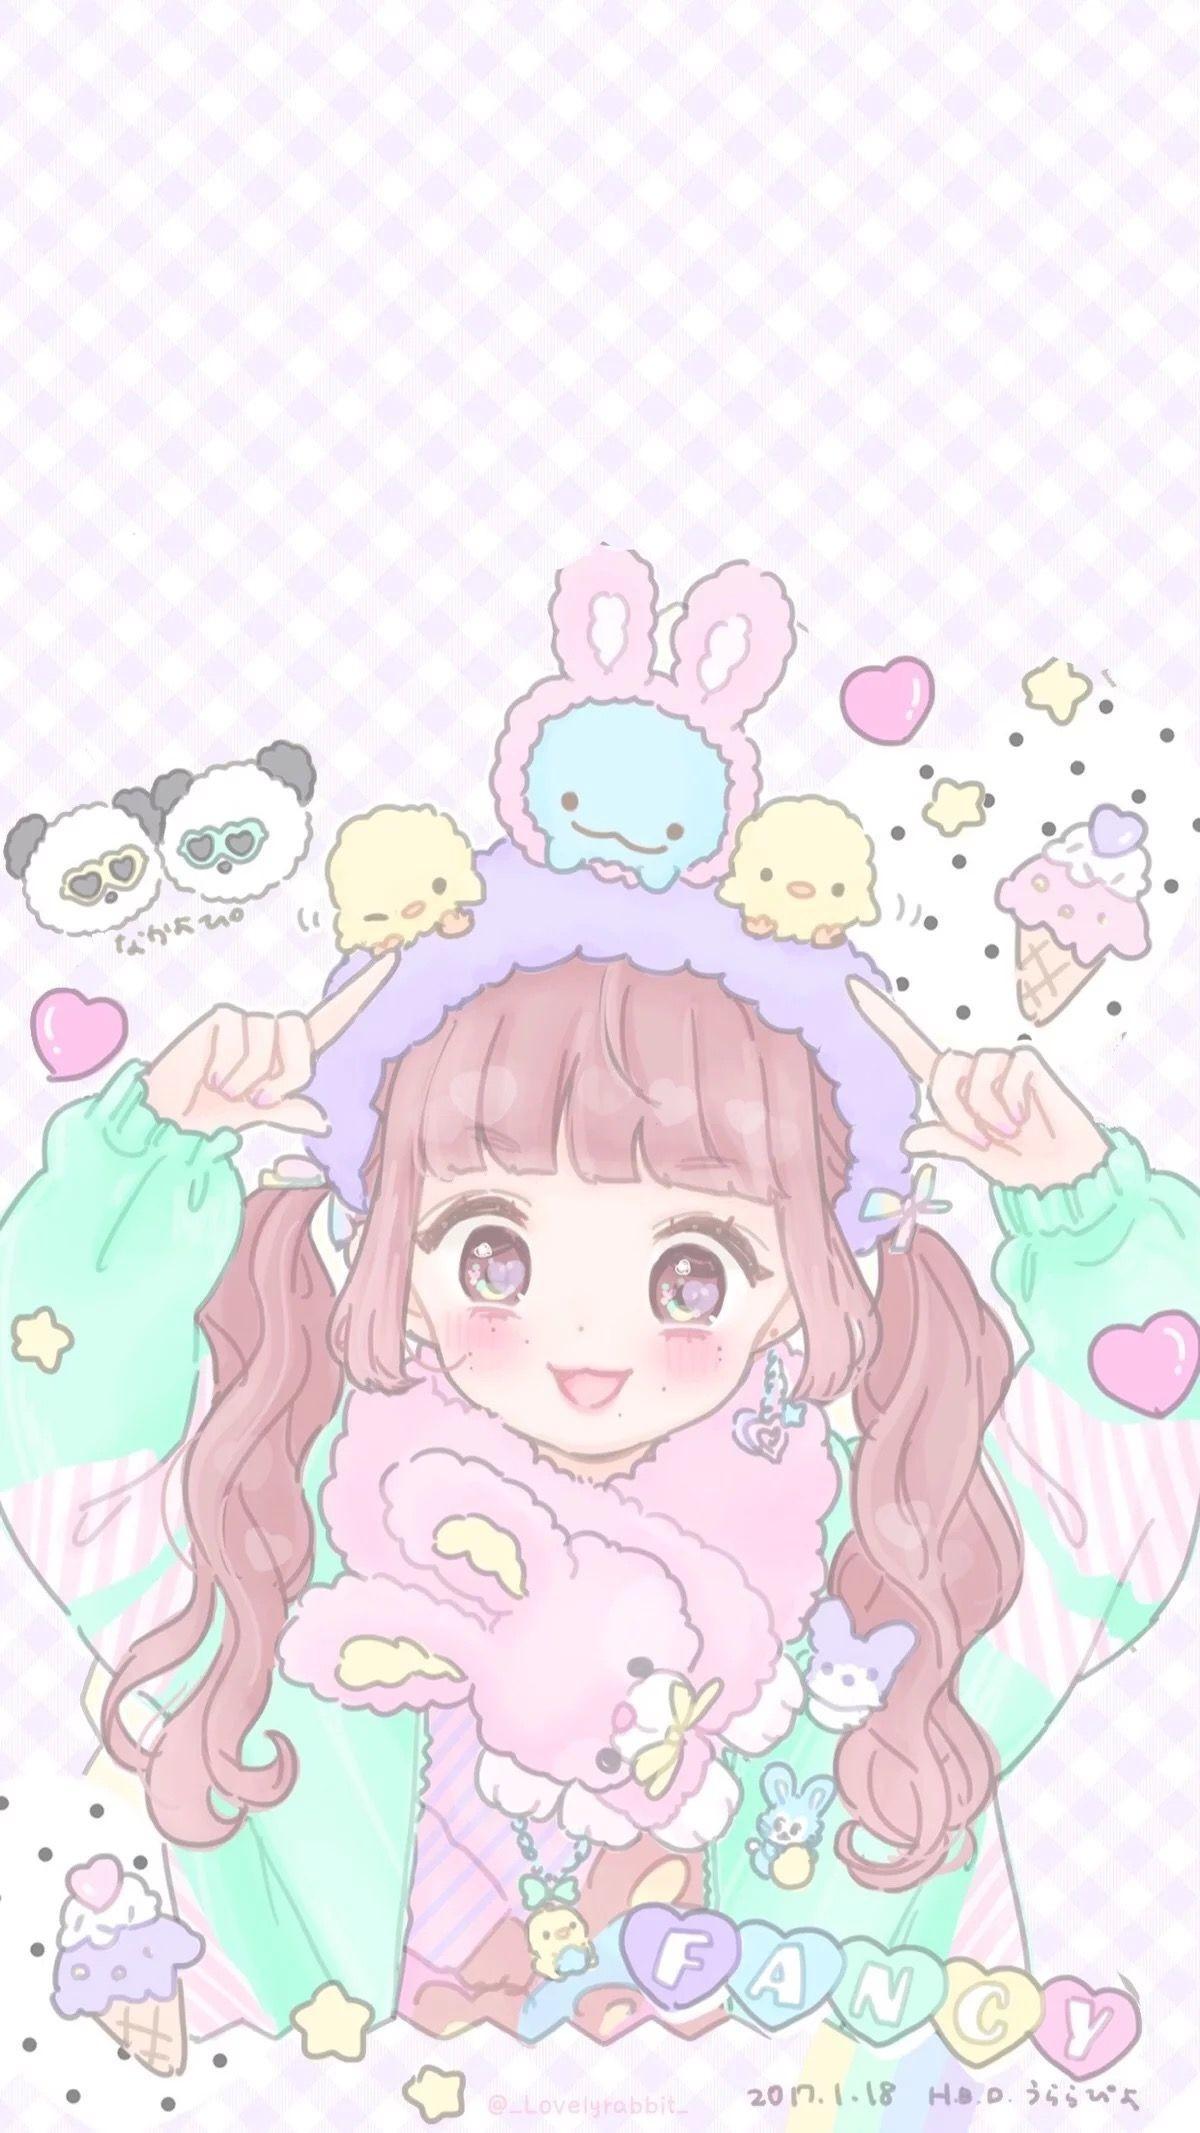 Unicorn Girl Wallpaper : unicorn, wallpaper, Unicorn, Anime, Wallpaper